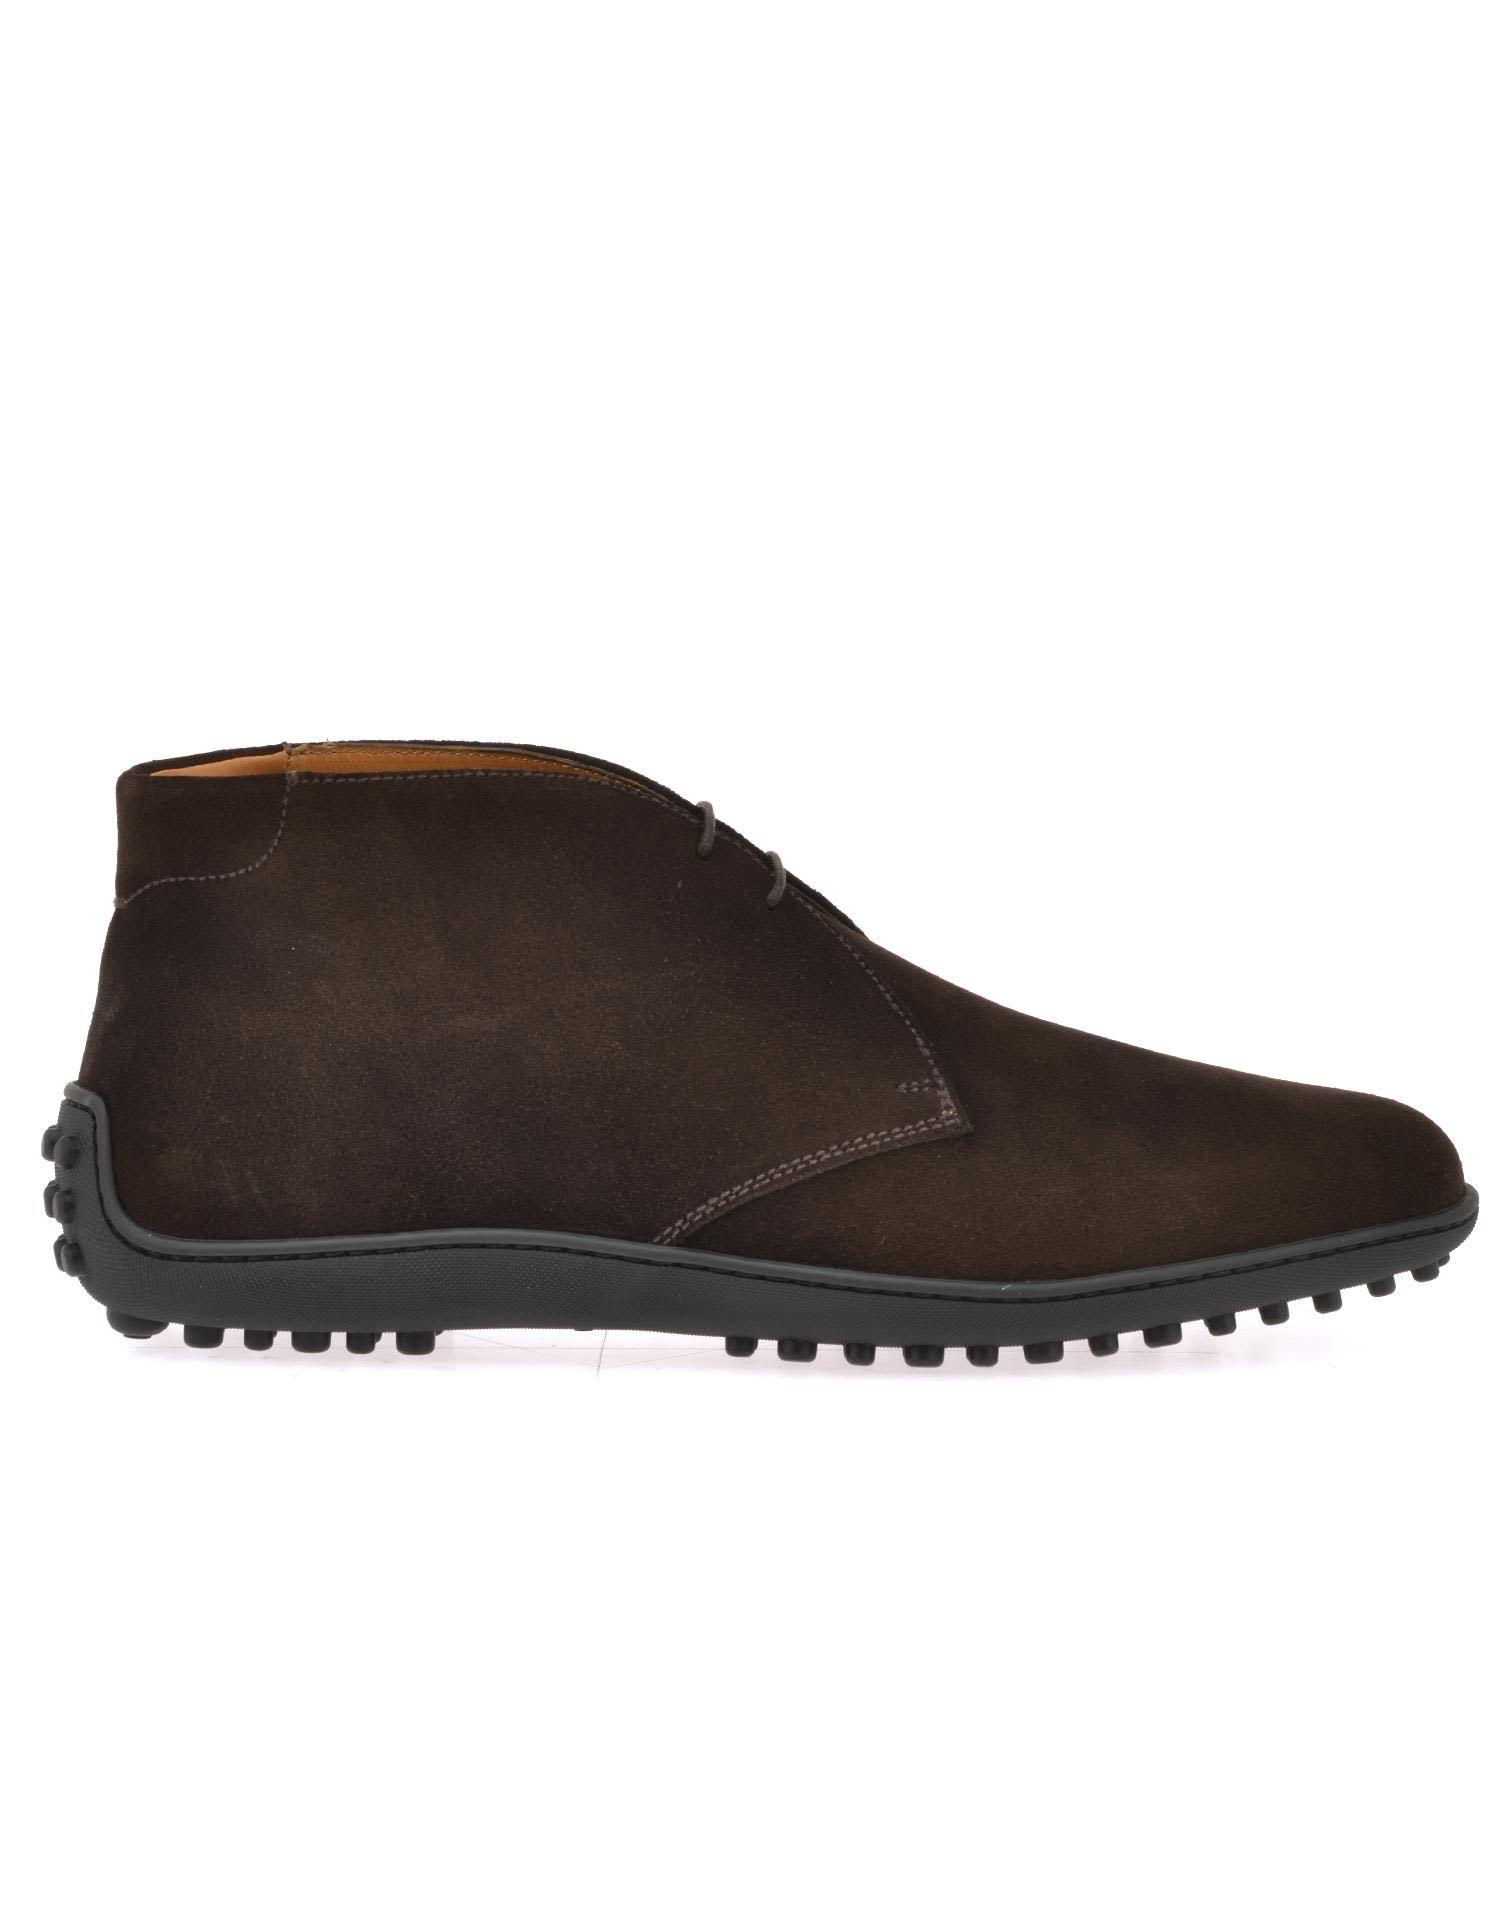 5d42eb5391c09 CAR SHOE LEATHER DESERT BOOT. #carshoe #shoes #   Car Shoe Men ...